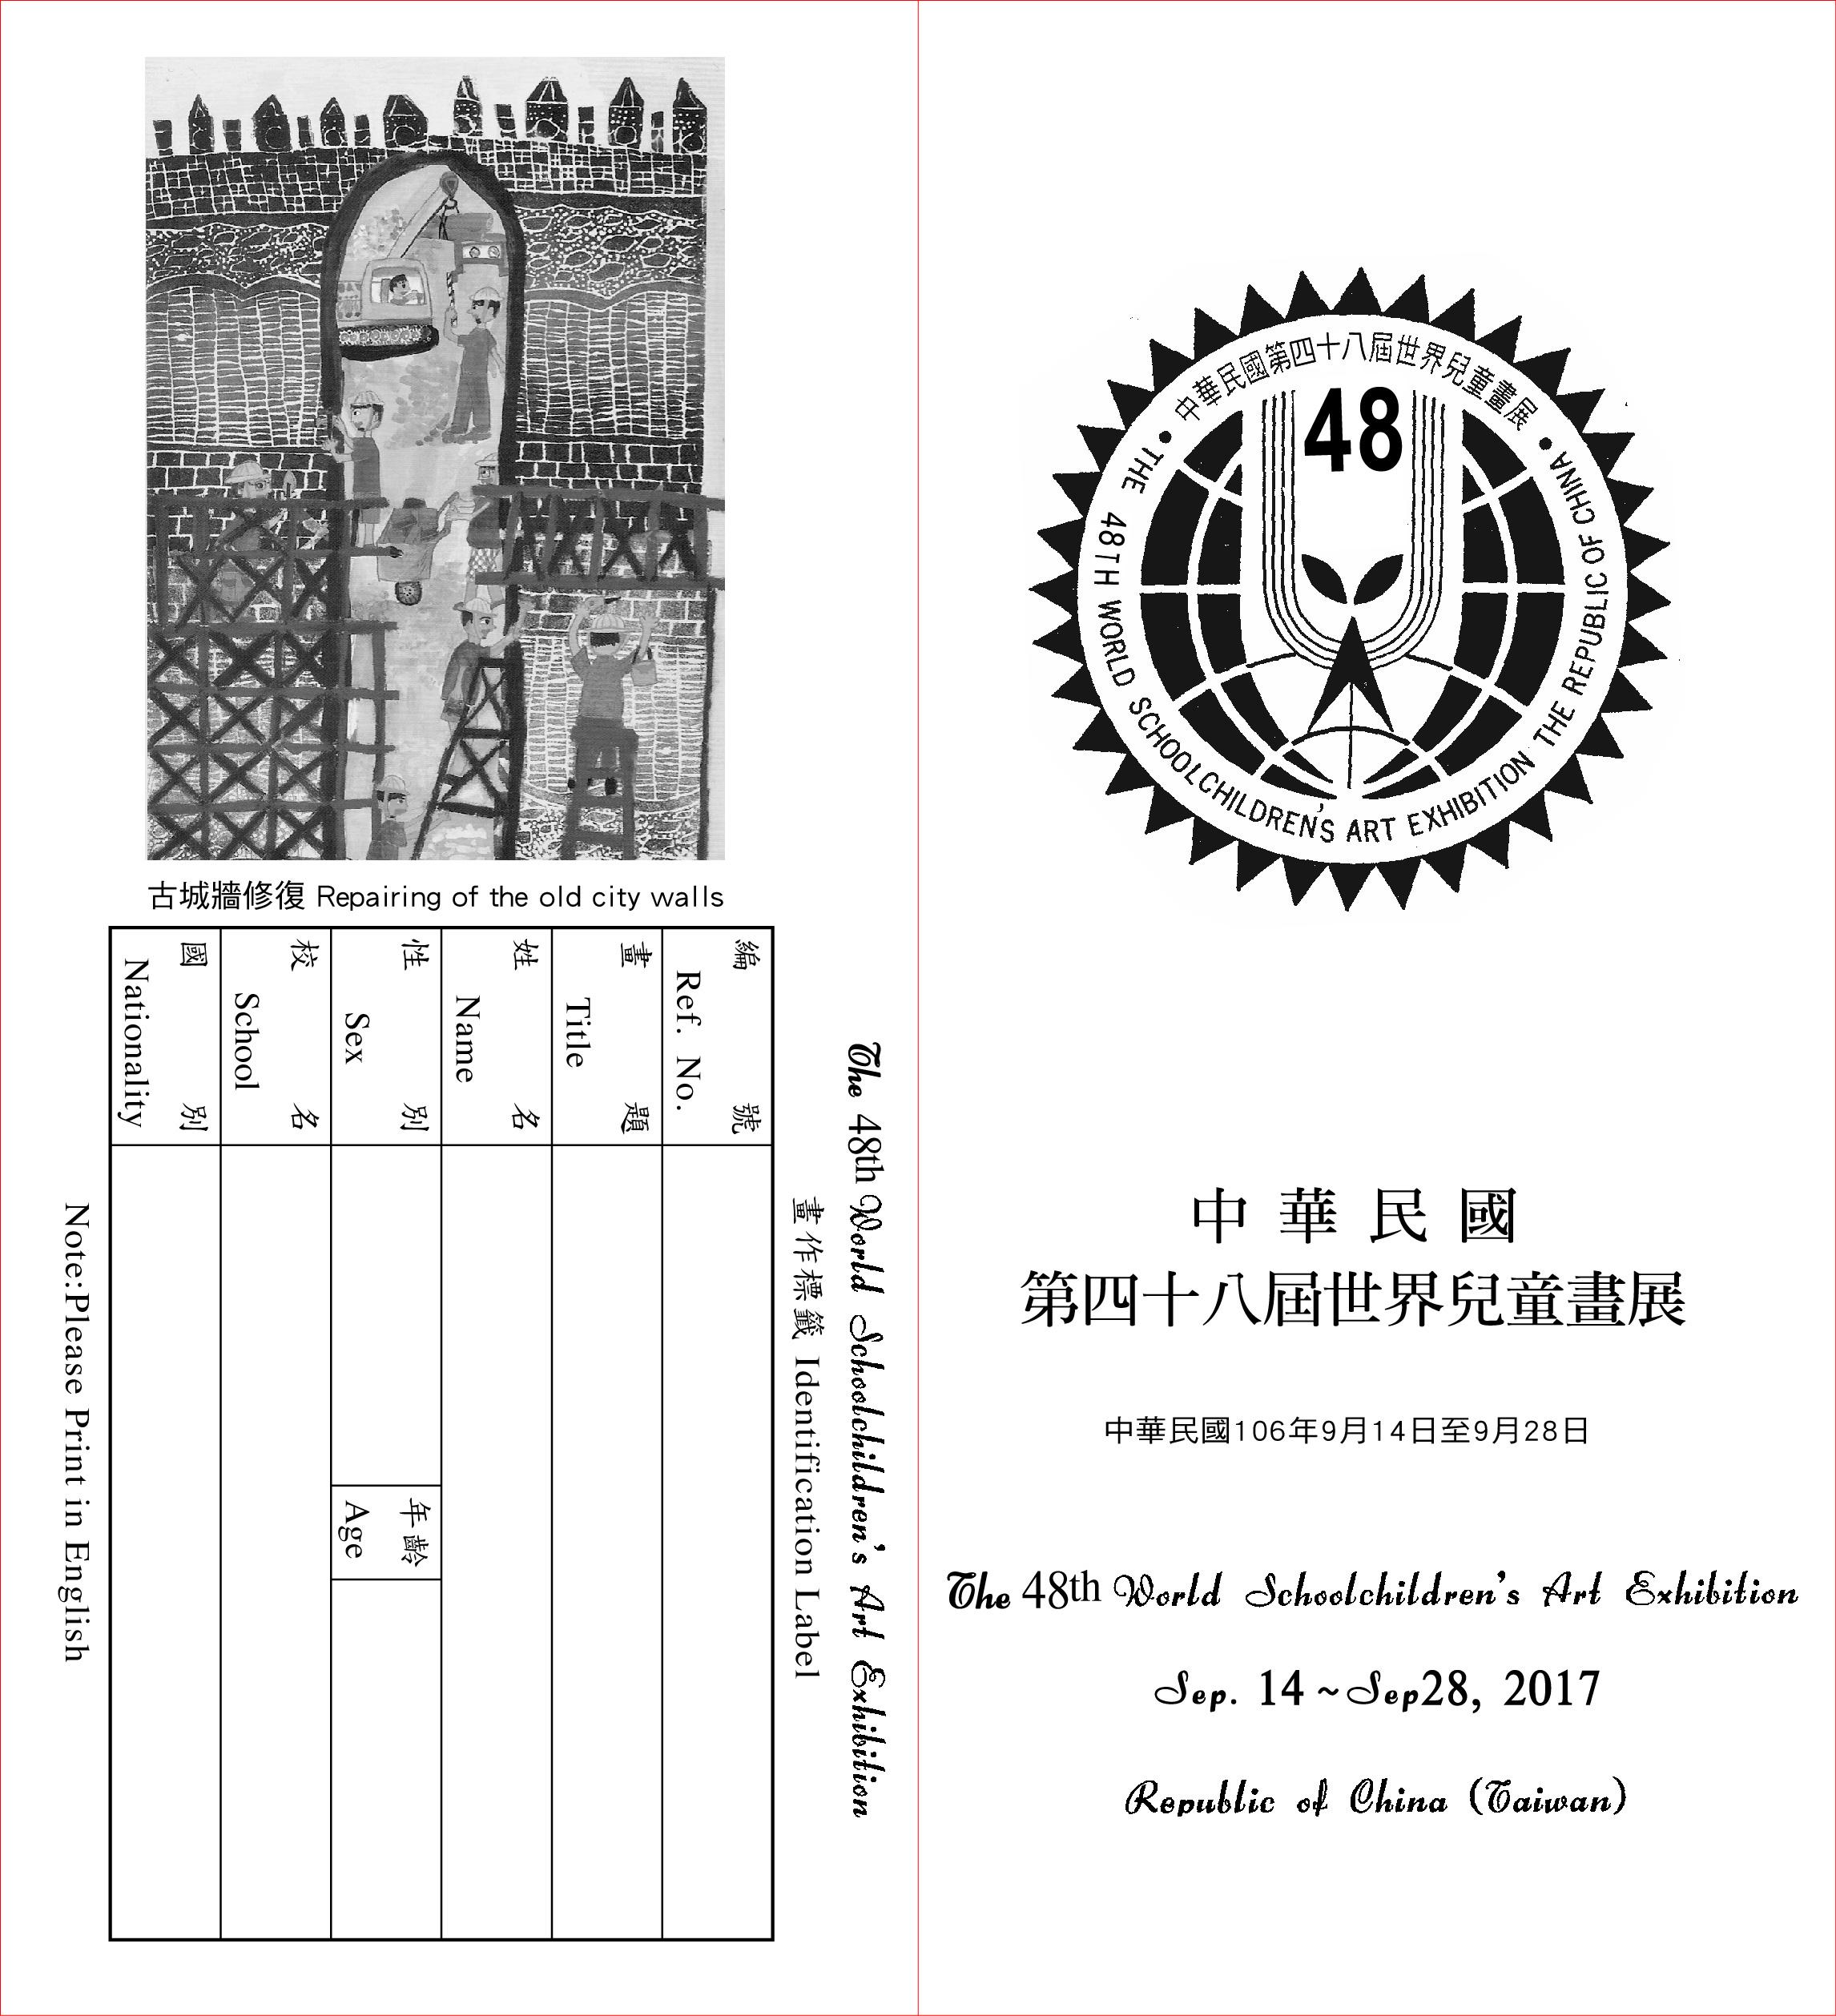 中華民國第48屆世界兒童畫展國外簡章3